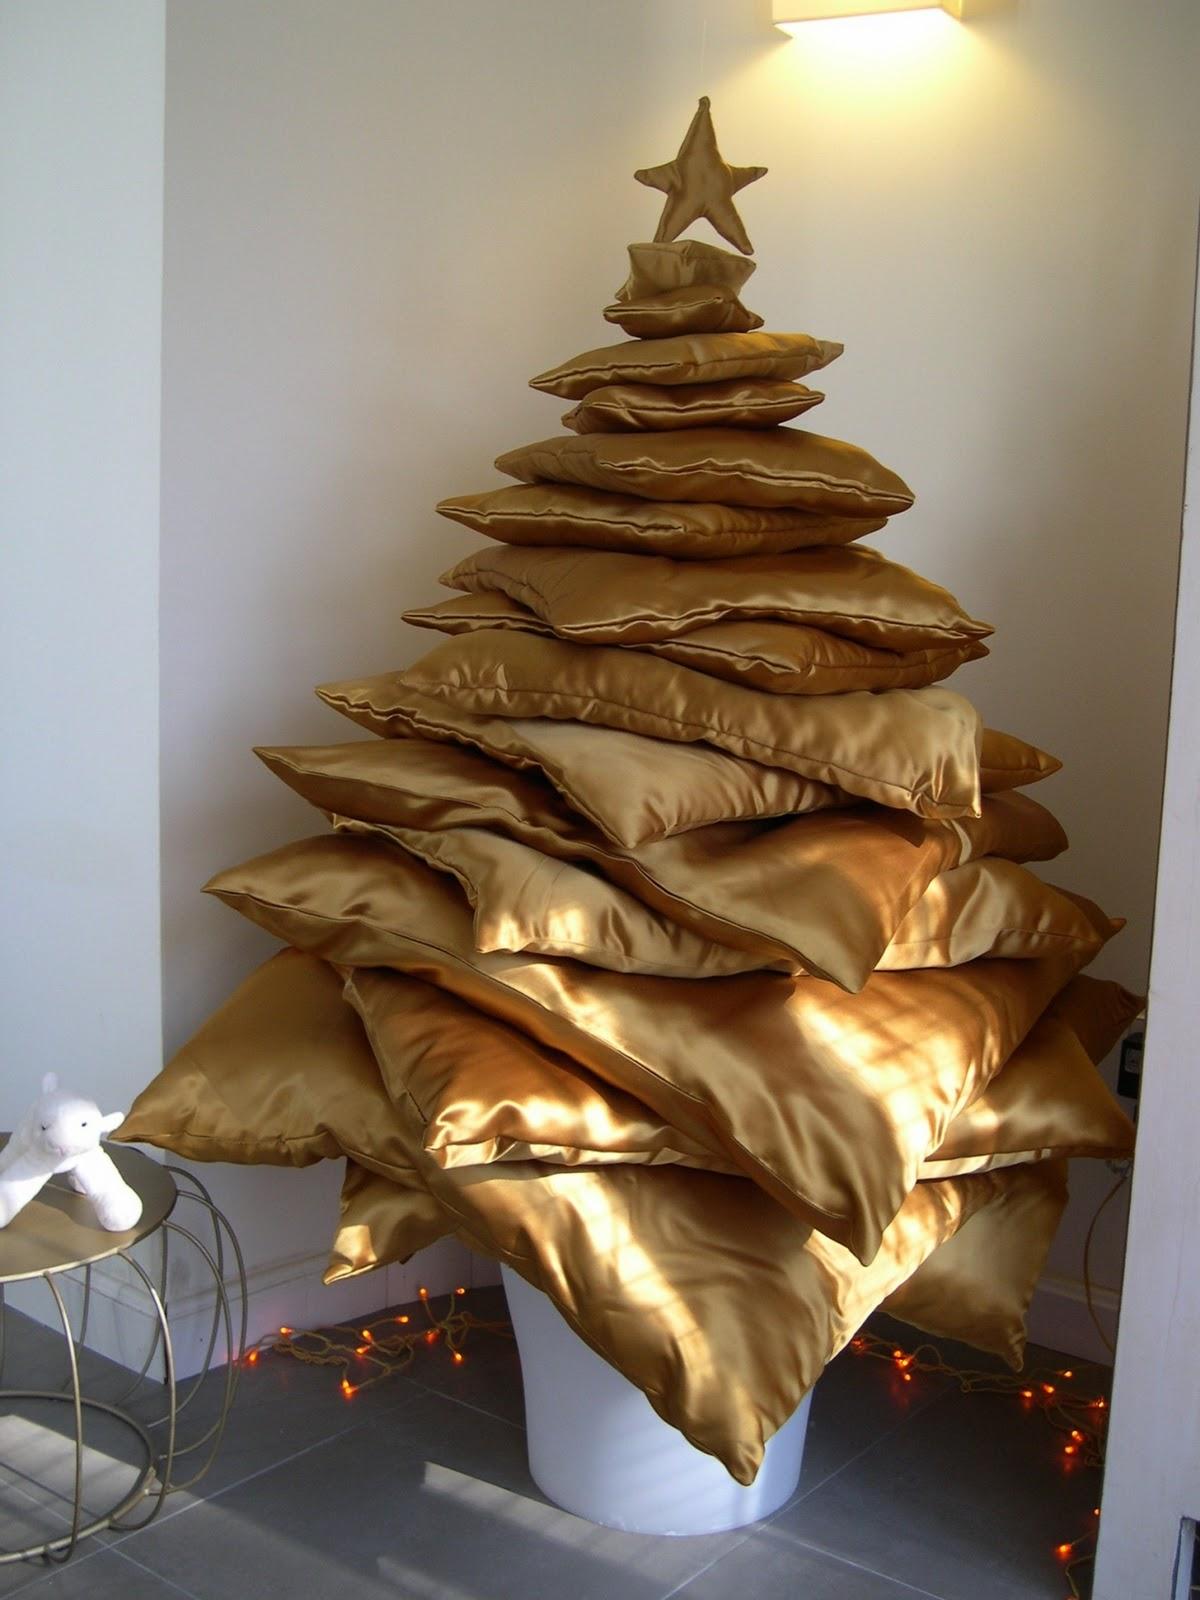 El Arbol De Navidad De Cojines Dorados De Elena X4duroscom - Arboles-de-navidad-dorados